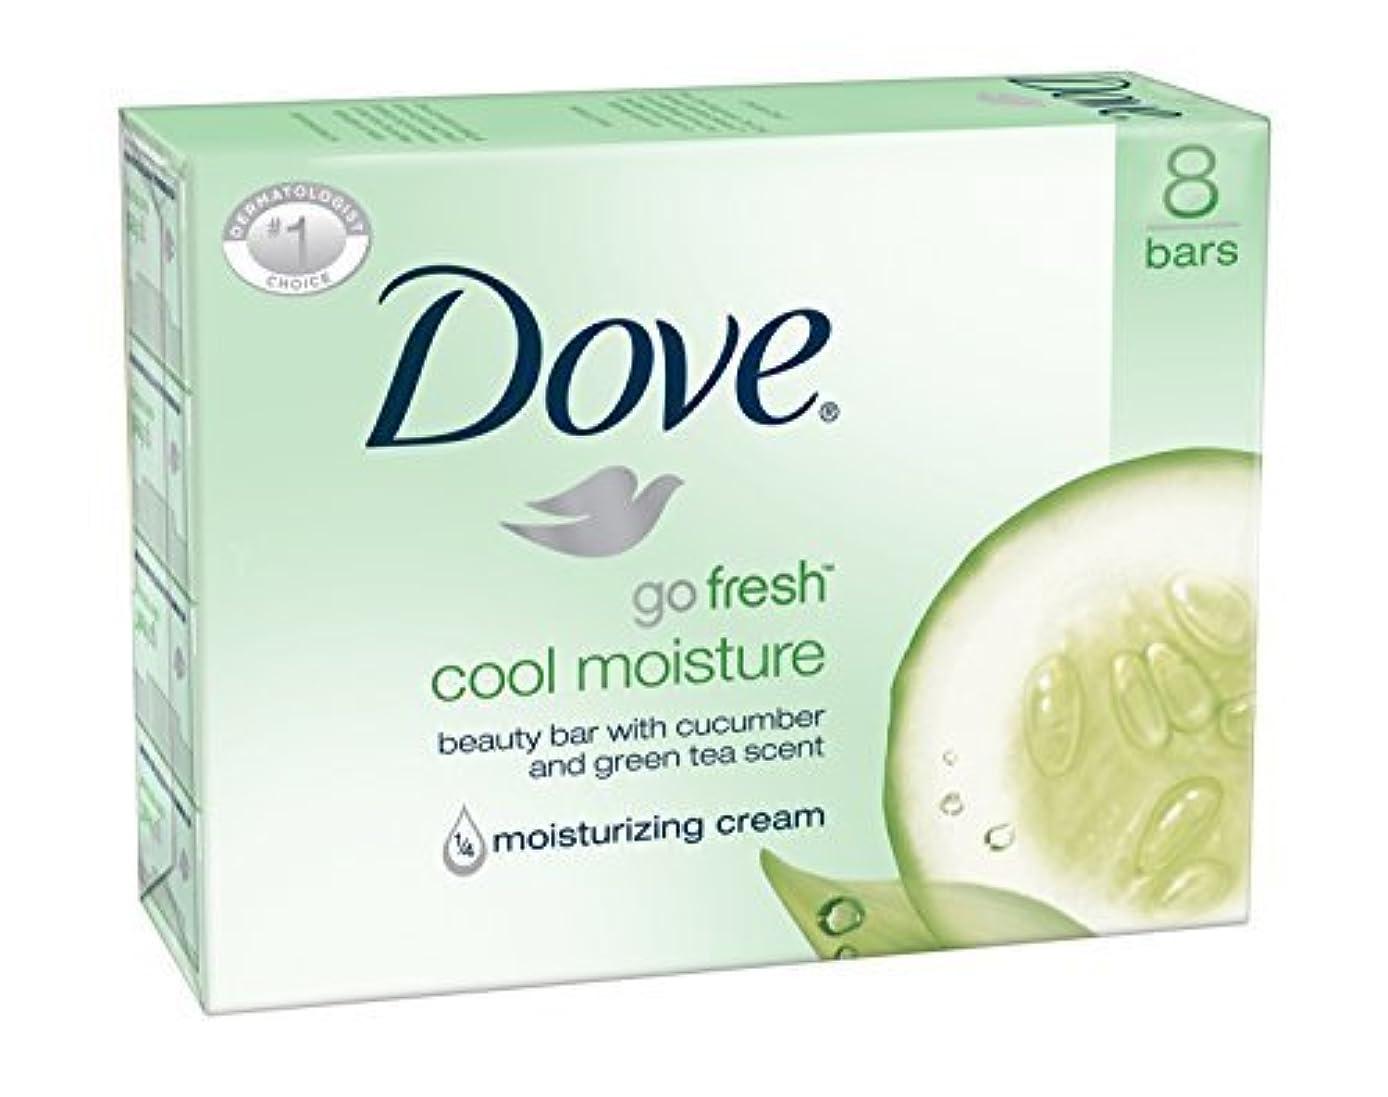 コールド学部州Dove Bar Soap, Cool Moisture, 16 Count [並行輸入品]